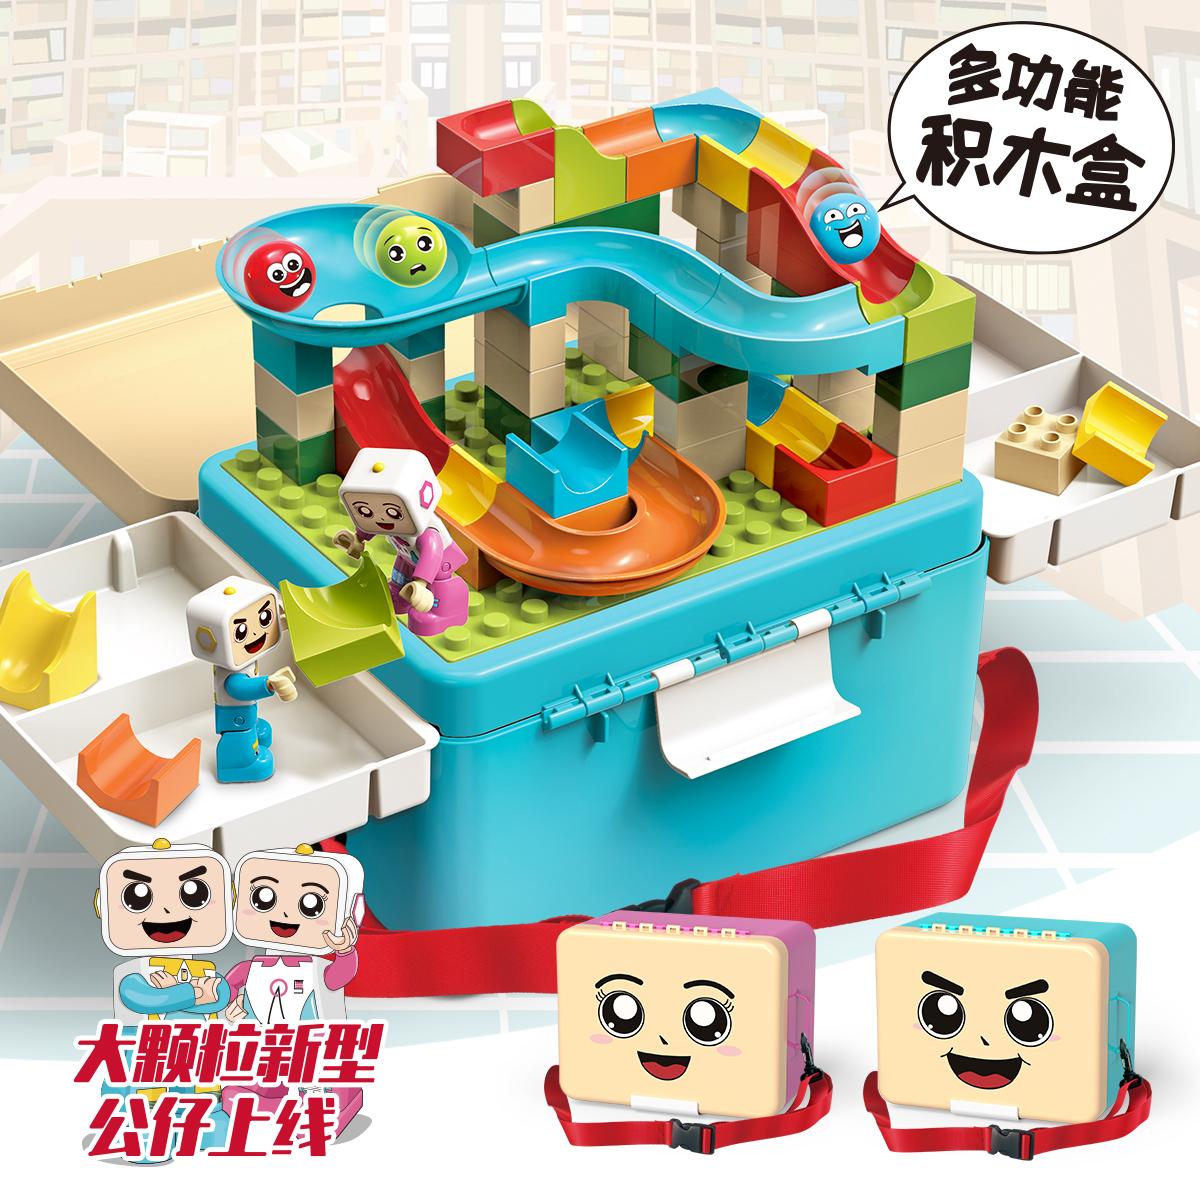 热销42件正品保证大颗粒积木便携儿童玩具收纳盒多功能宝宝拼插积木桌玩具箱收纳箱